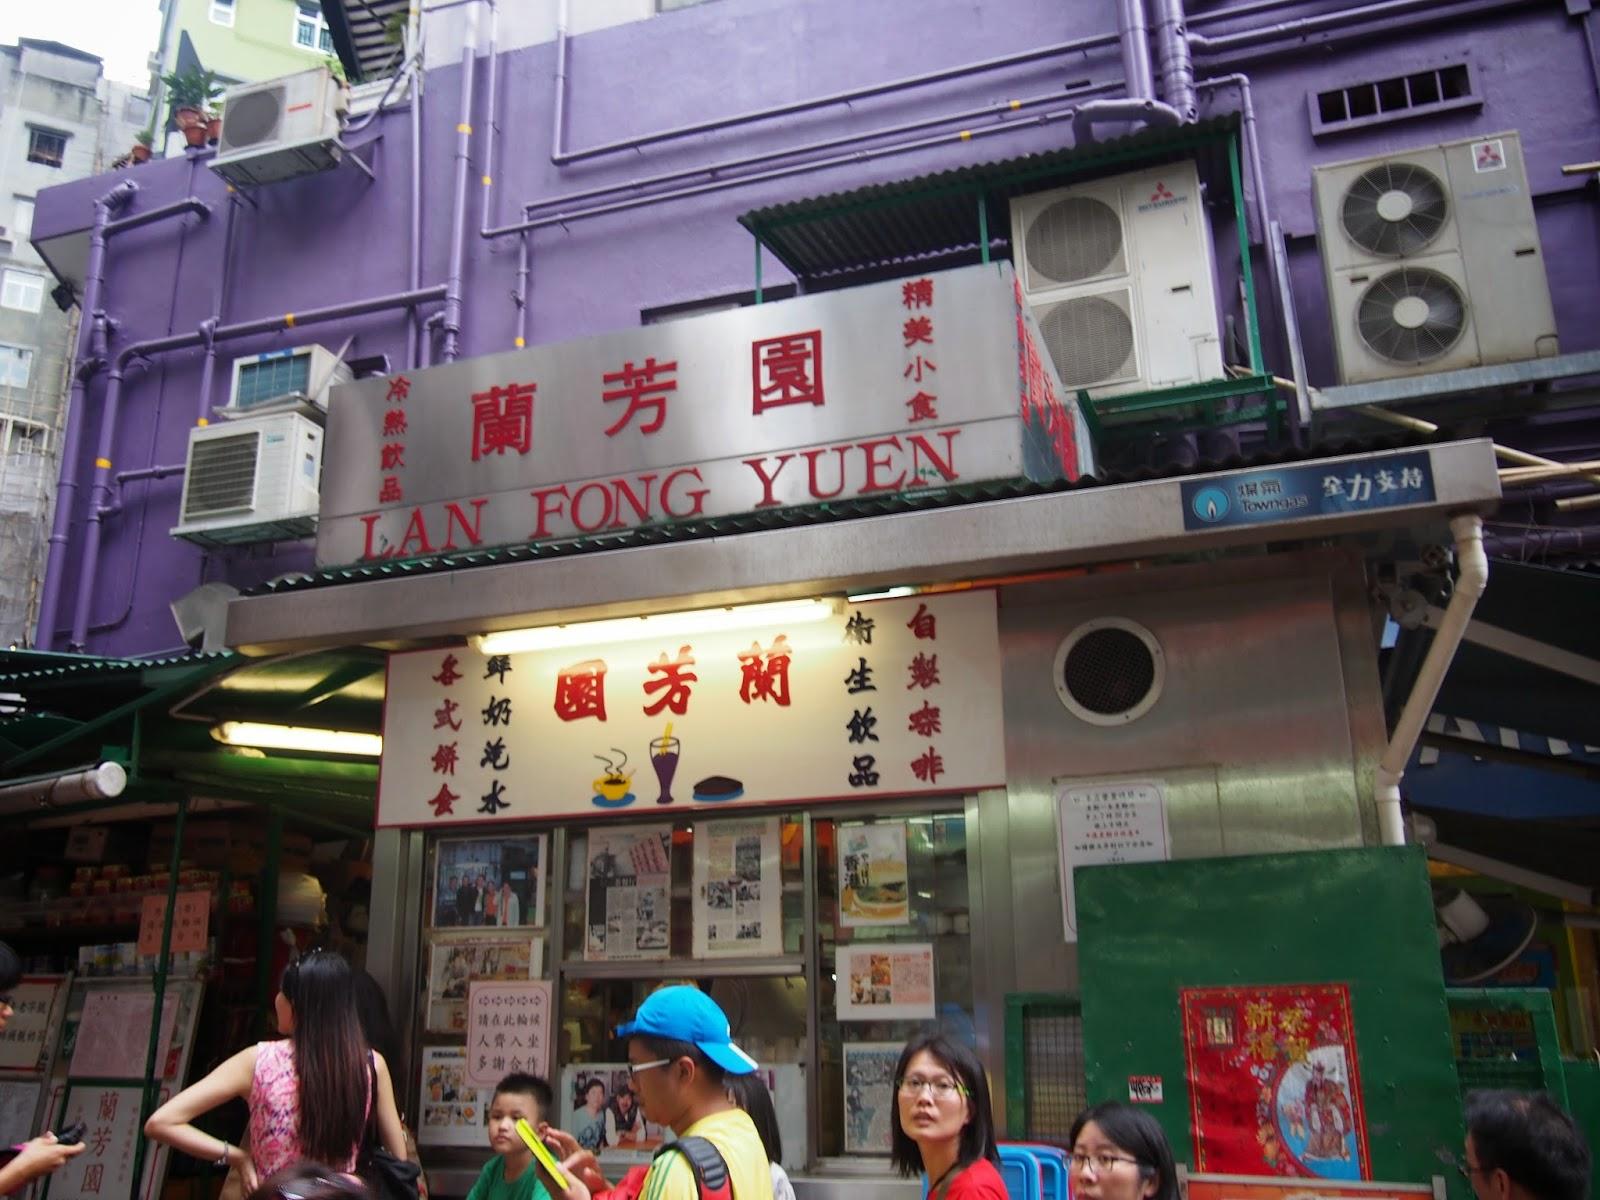 香港好吃好玩之鐡腿行: 20140712香港鐵腿行Day1